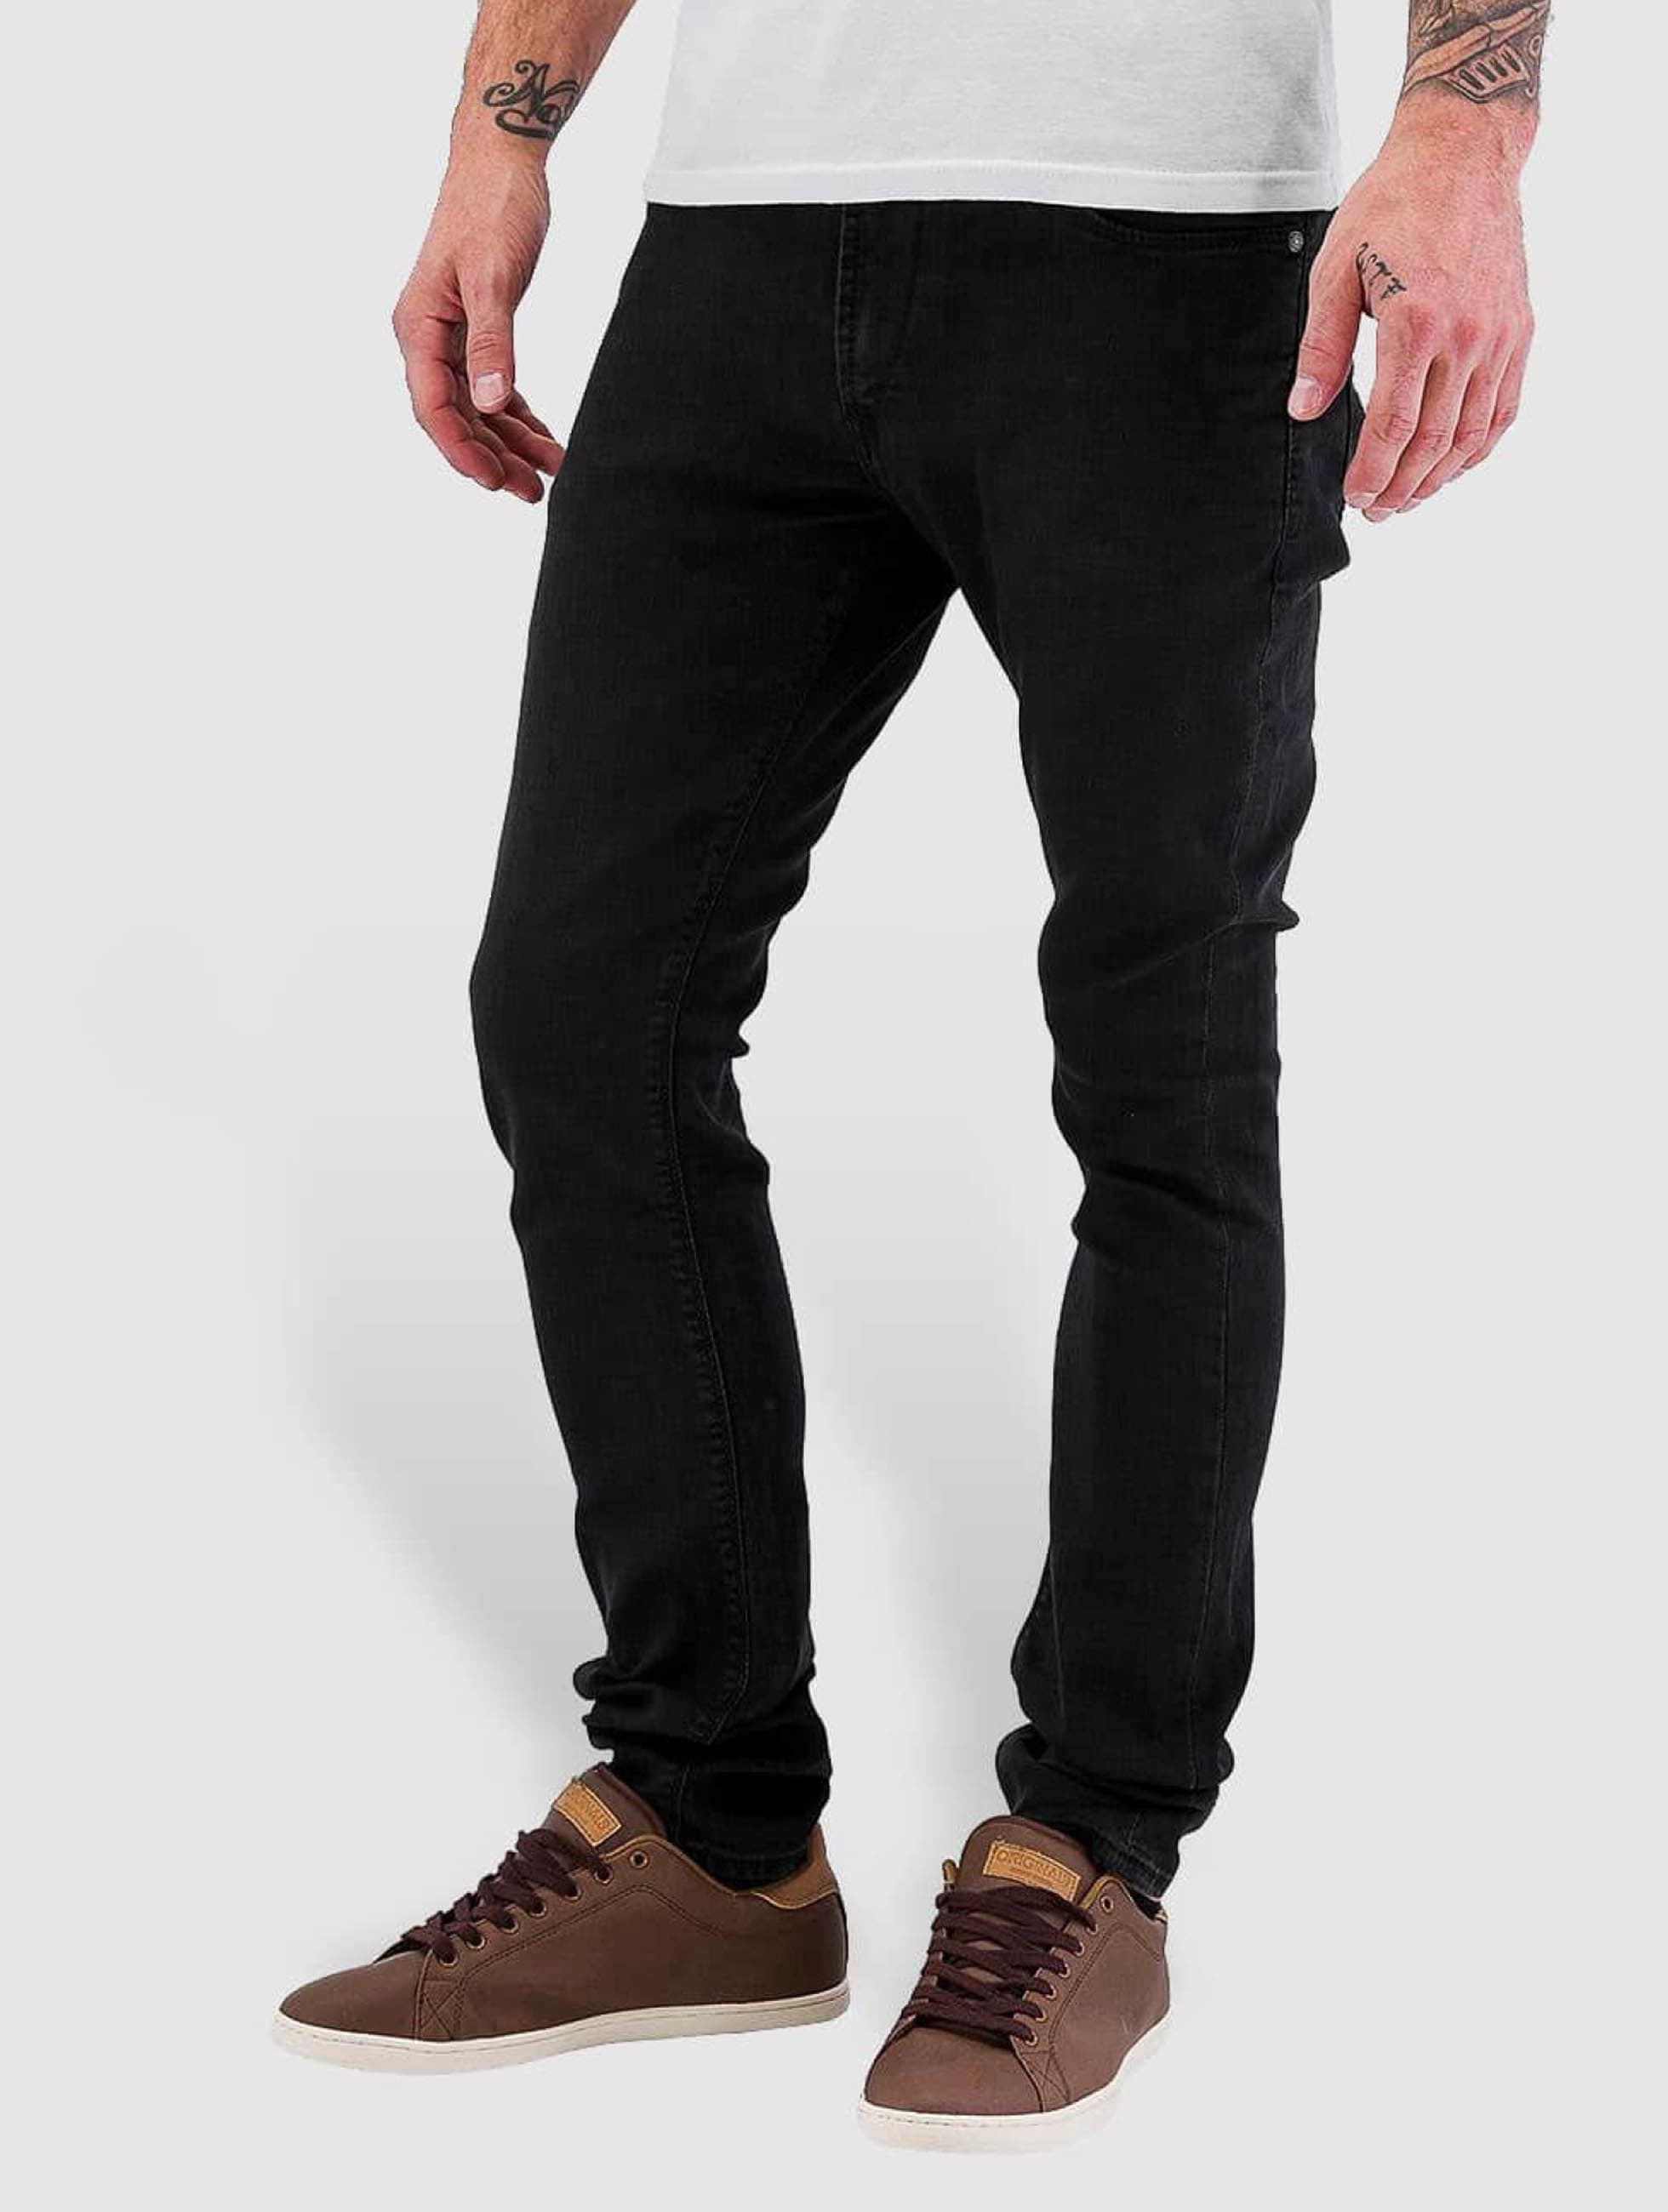 reell jeans herren skinny jeans radar stretch super in schwarz 104197. Black Bedroom Furniture Sets. Home Design Ideas